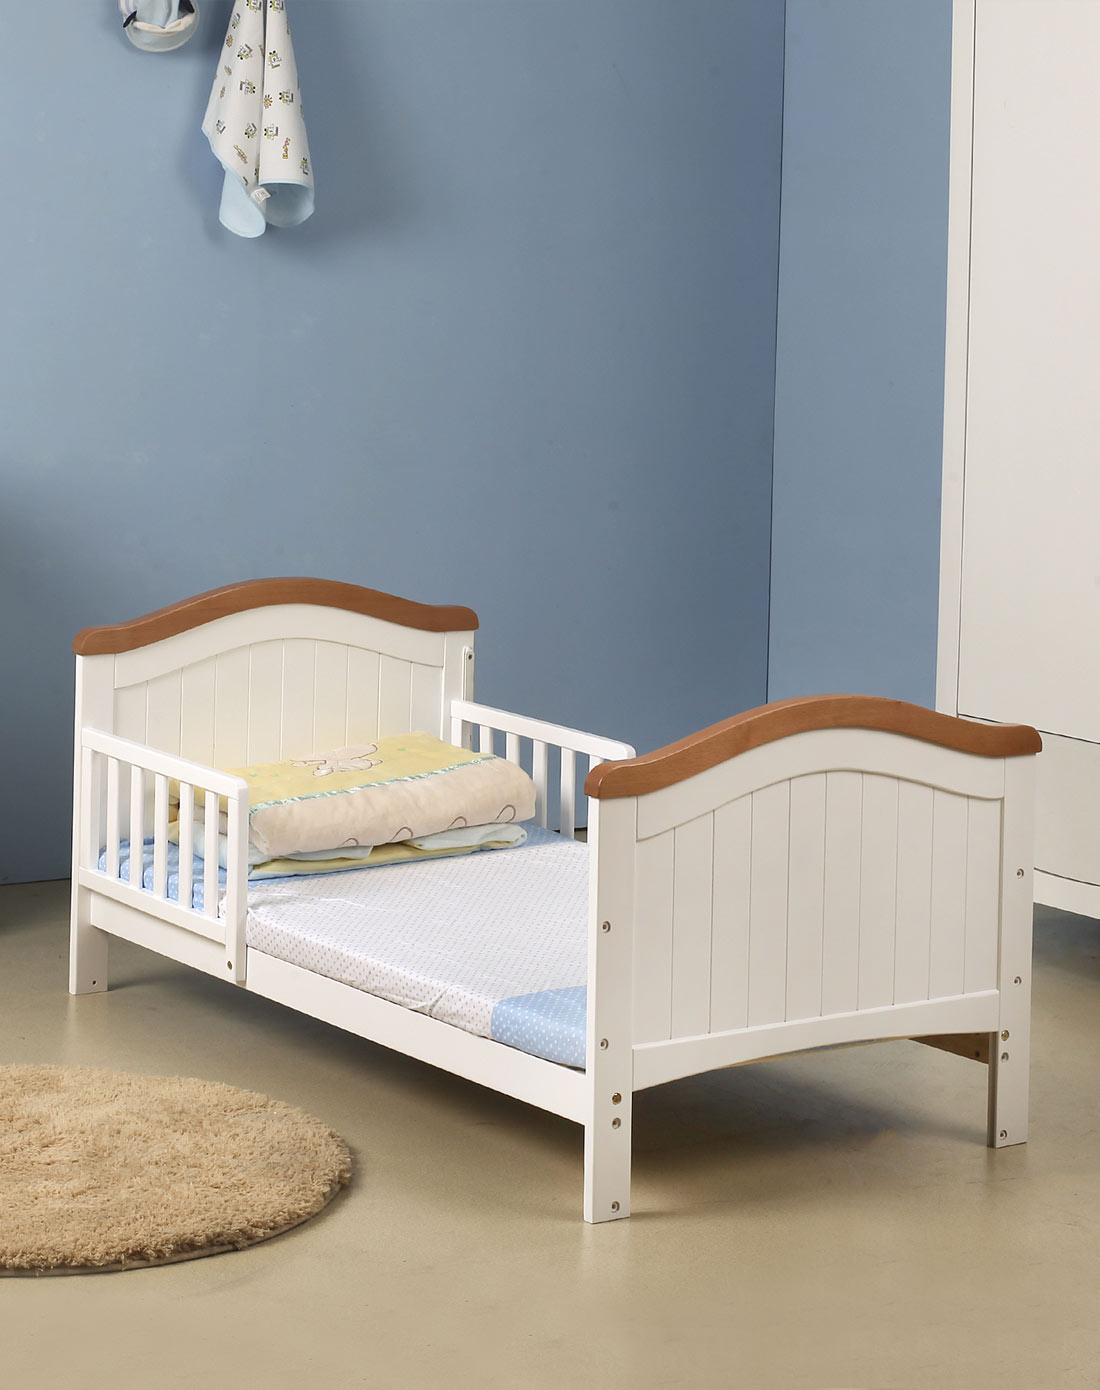 巴布豆欧式活动侧栏拼色婴儿床少年床白色赠送粉色纯棉床帏四件套140*